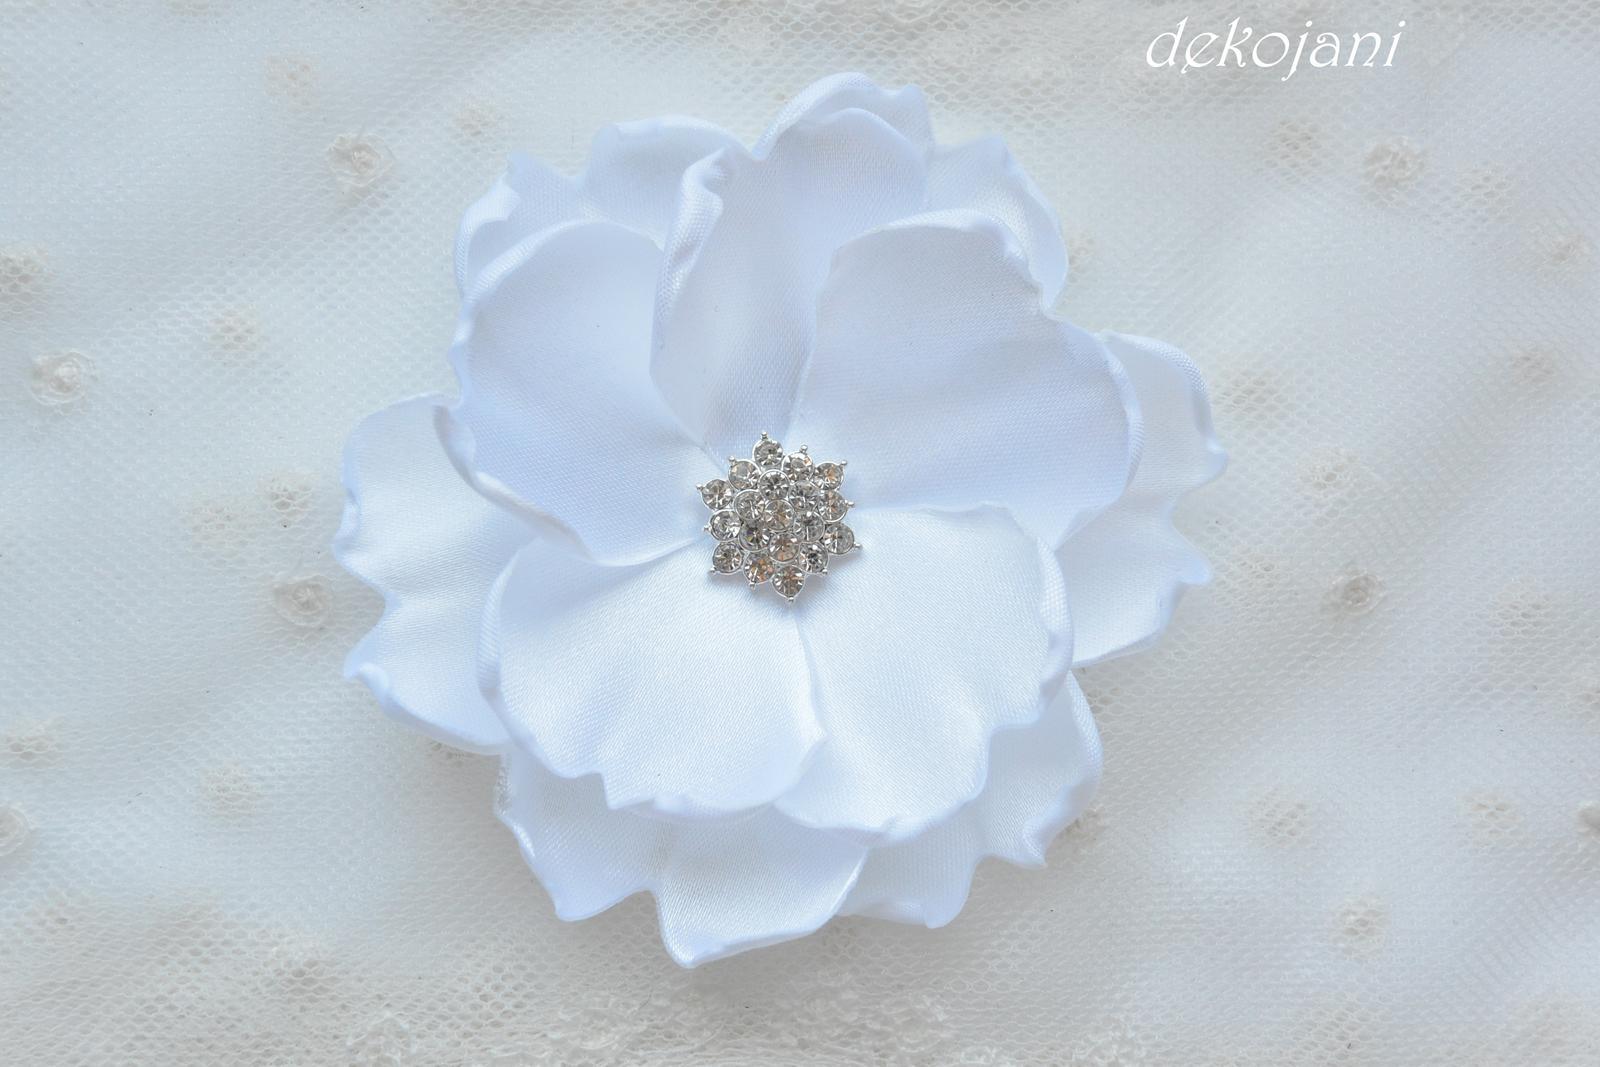 Bílá květina do vlasů na pinetě - Obrázek č. 1